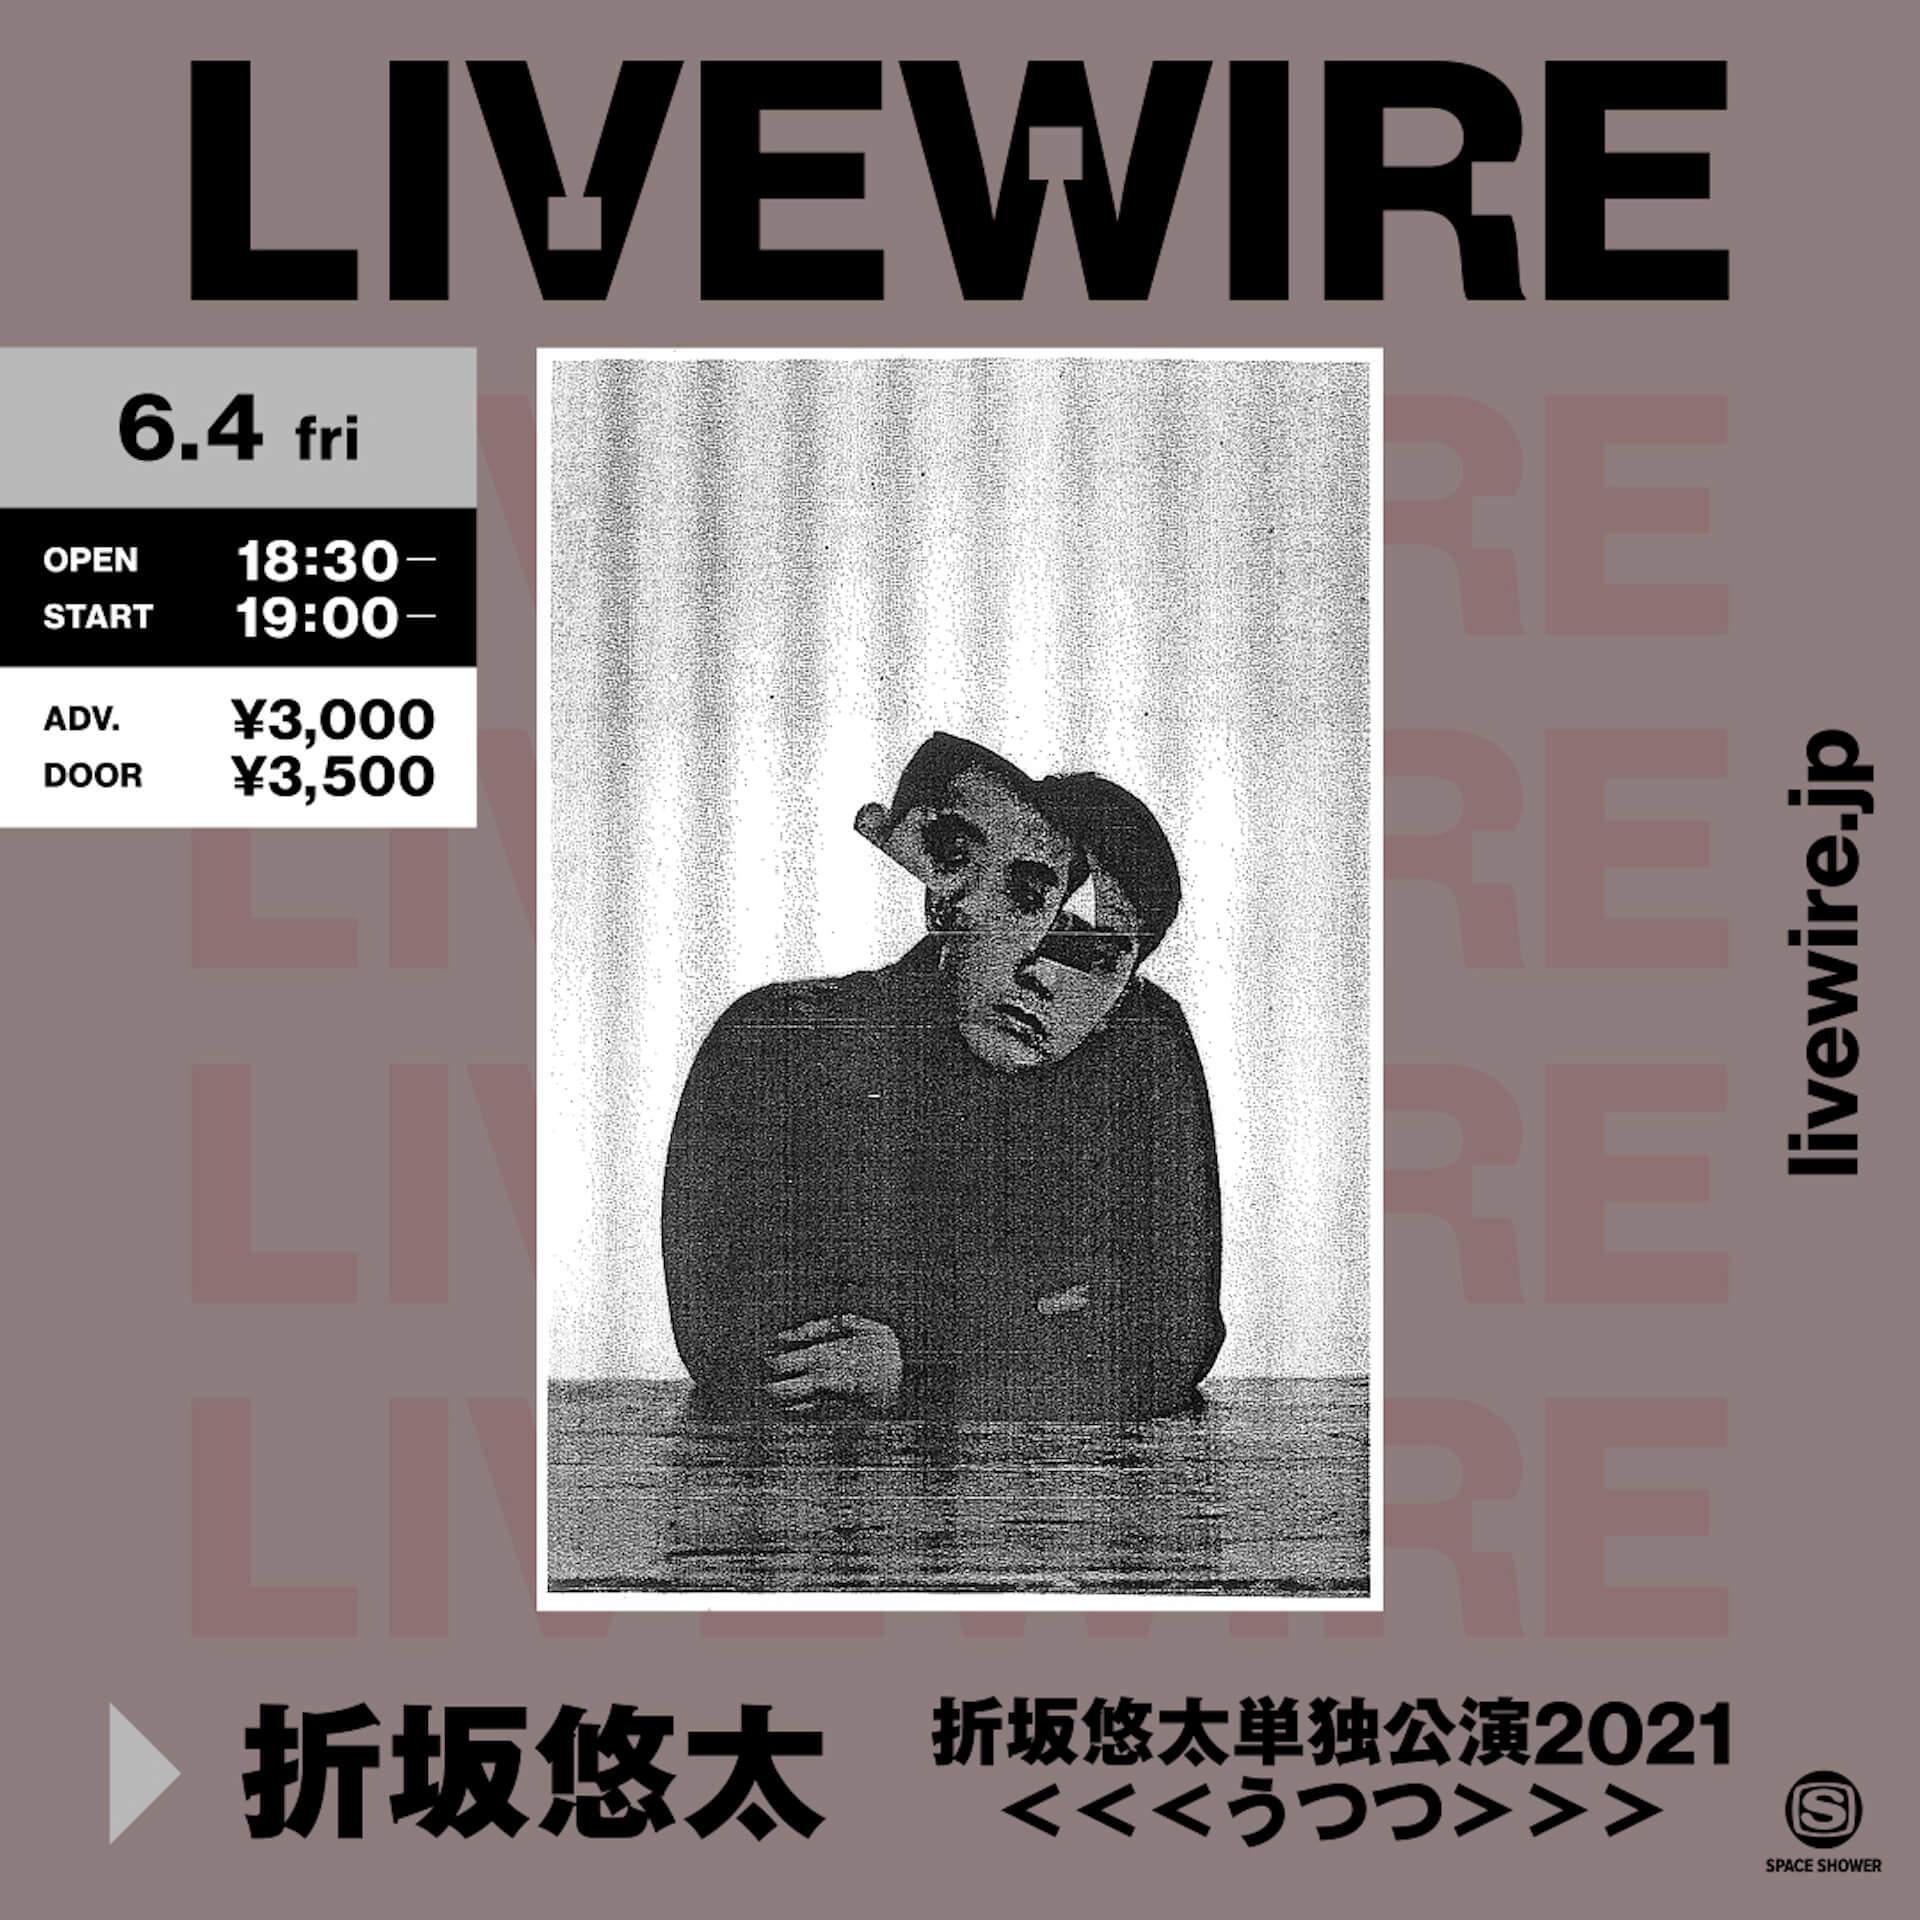 即完売の折坂悠太の単独公演<<<うつつ>>>の東京公演がLIVEWIREで配信決定! music210507_orisakayuta_livewire_main